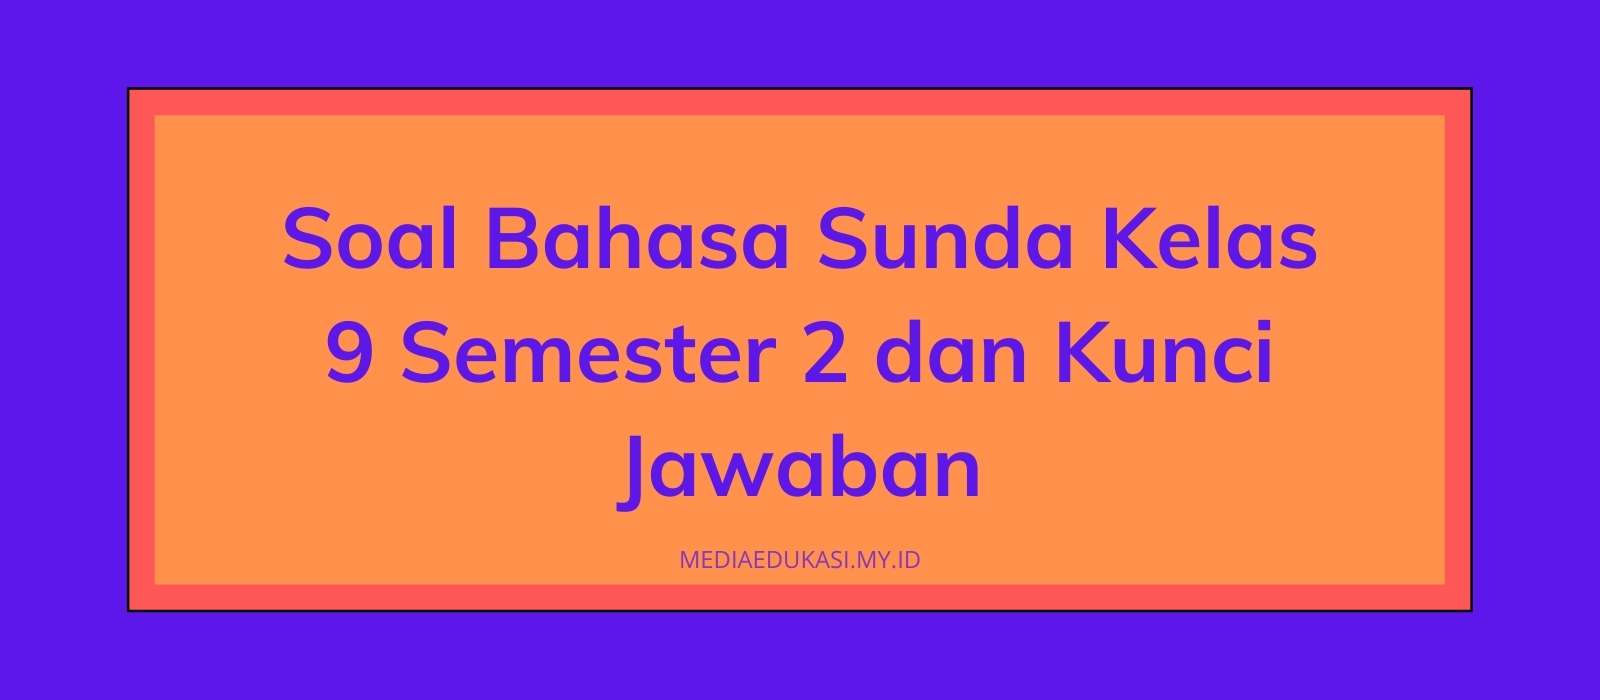 Soal Bahasa Sunda Kelas 9 Semester 2 dan Kunci Jawaban